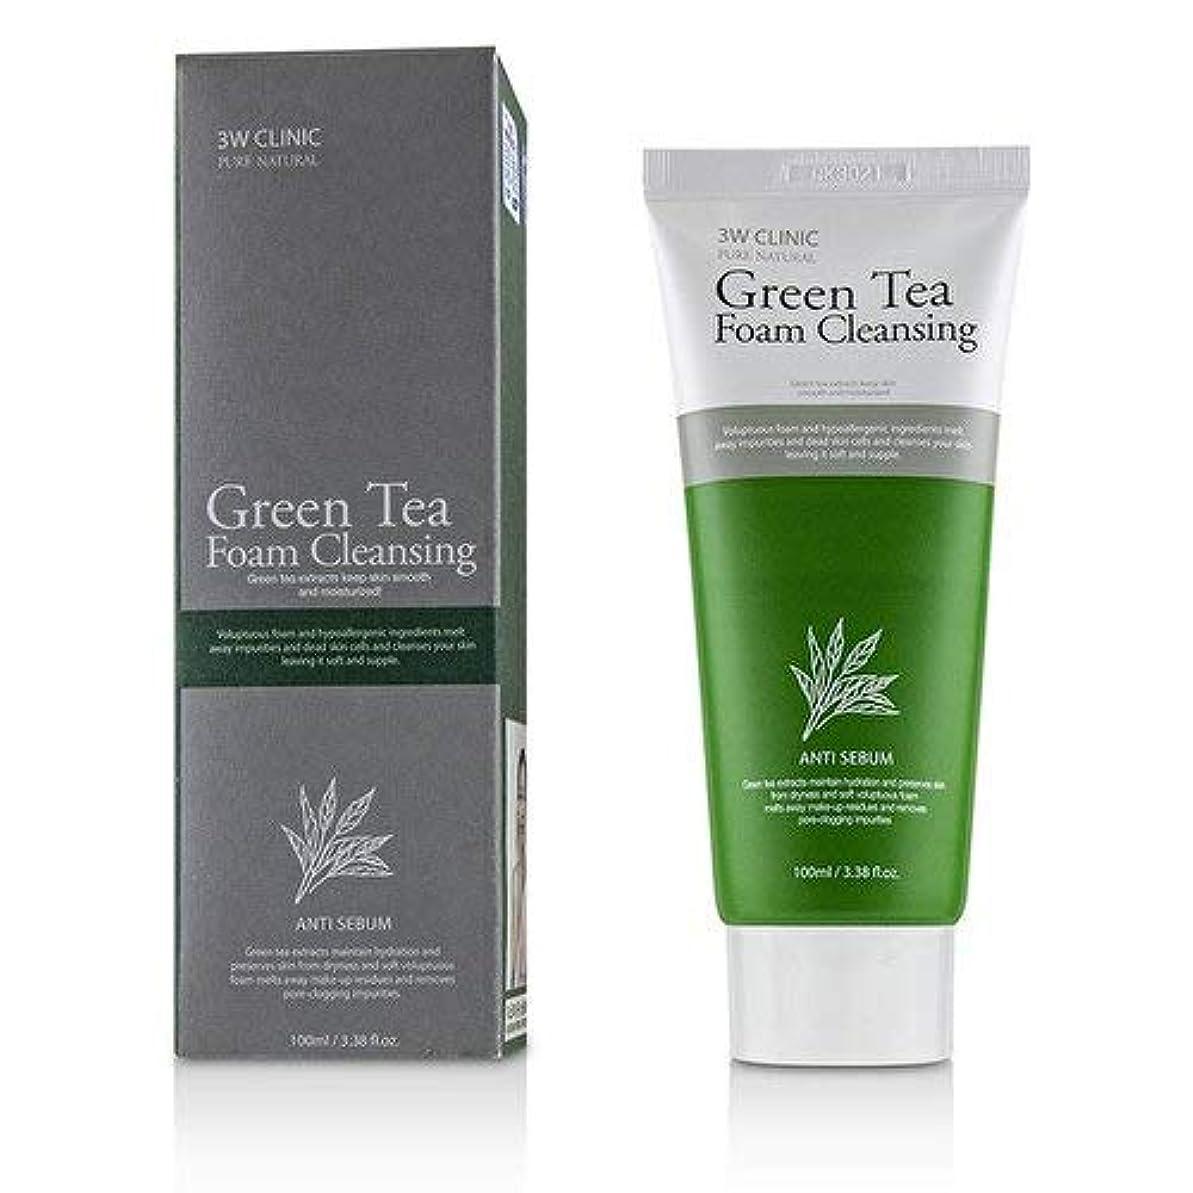 高層ビル暗記する何でも3Wクリニック Green Tea Foam Cleansing 100ml/3.38oz並行輸入品